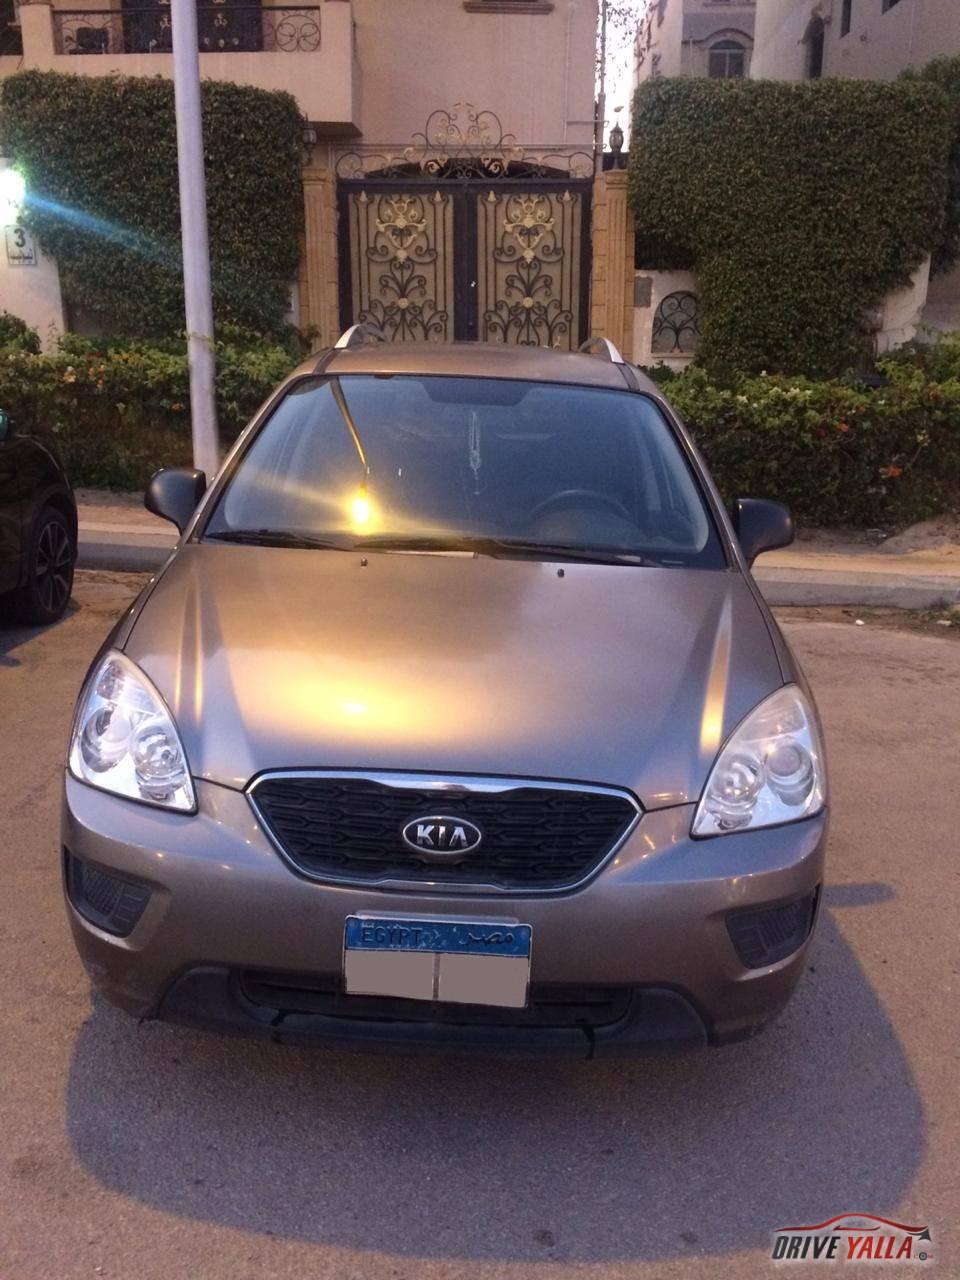 كيا  كارينز  مستعملة  للبيع  فى مصر  2012